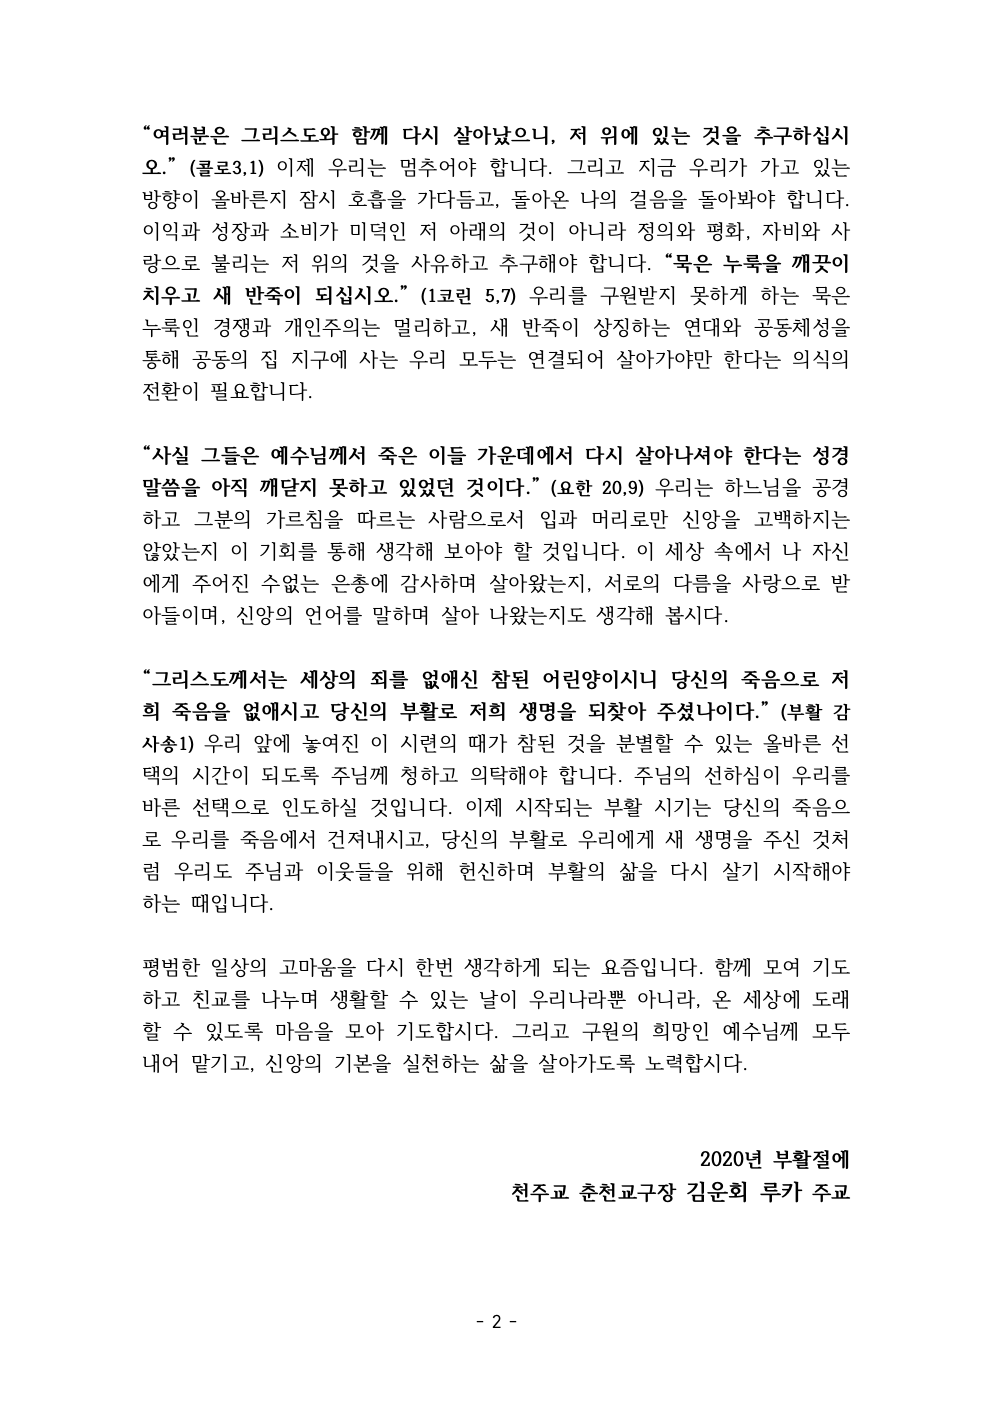 2020년 천주교 춘천교구 부활메시지002.jpg